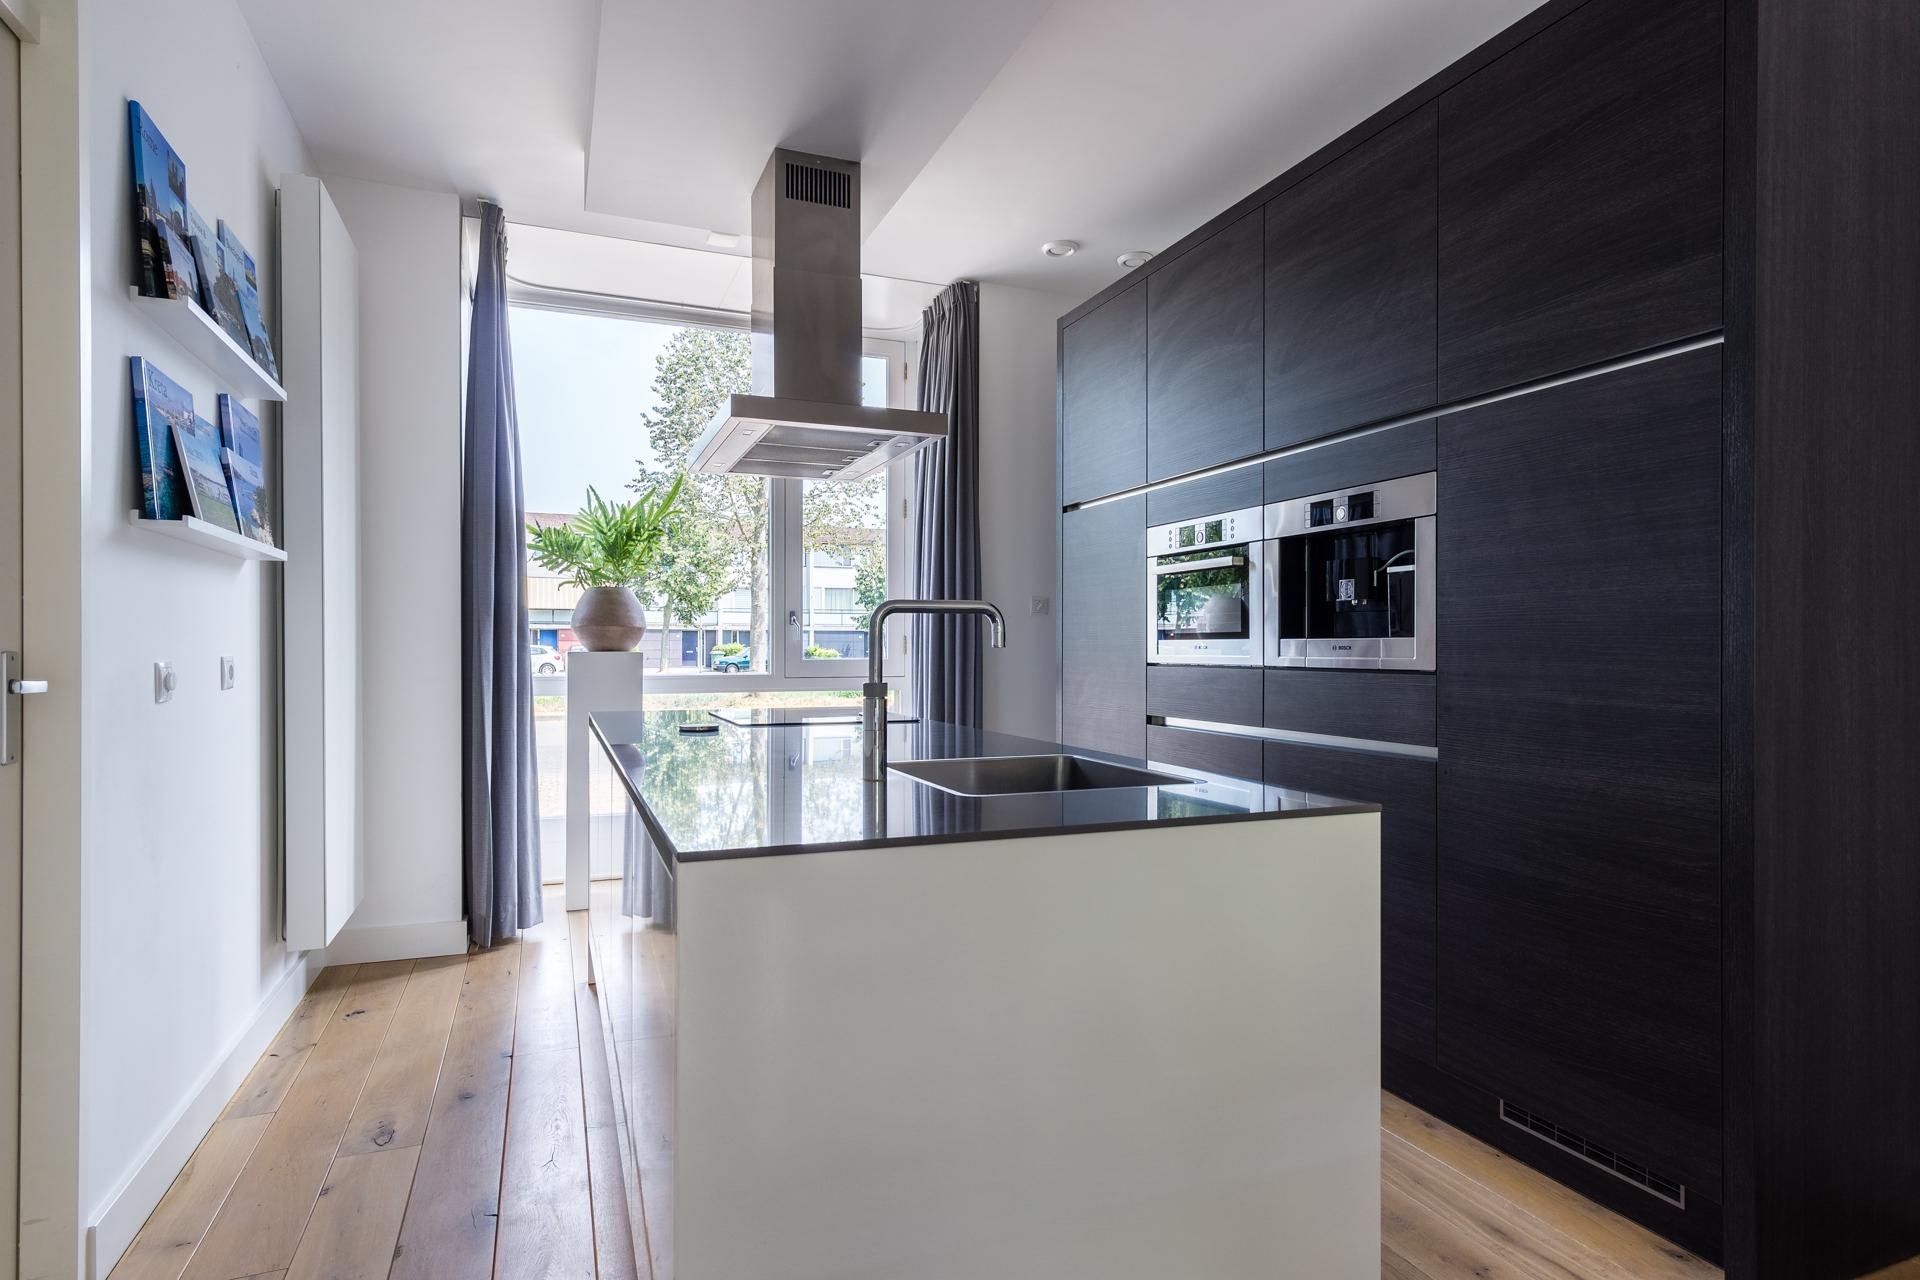 Design Keuken Breda : Keukens Één plaats voor al uw wensen brugman